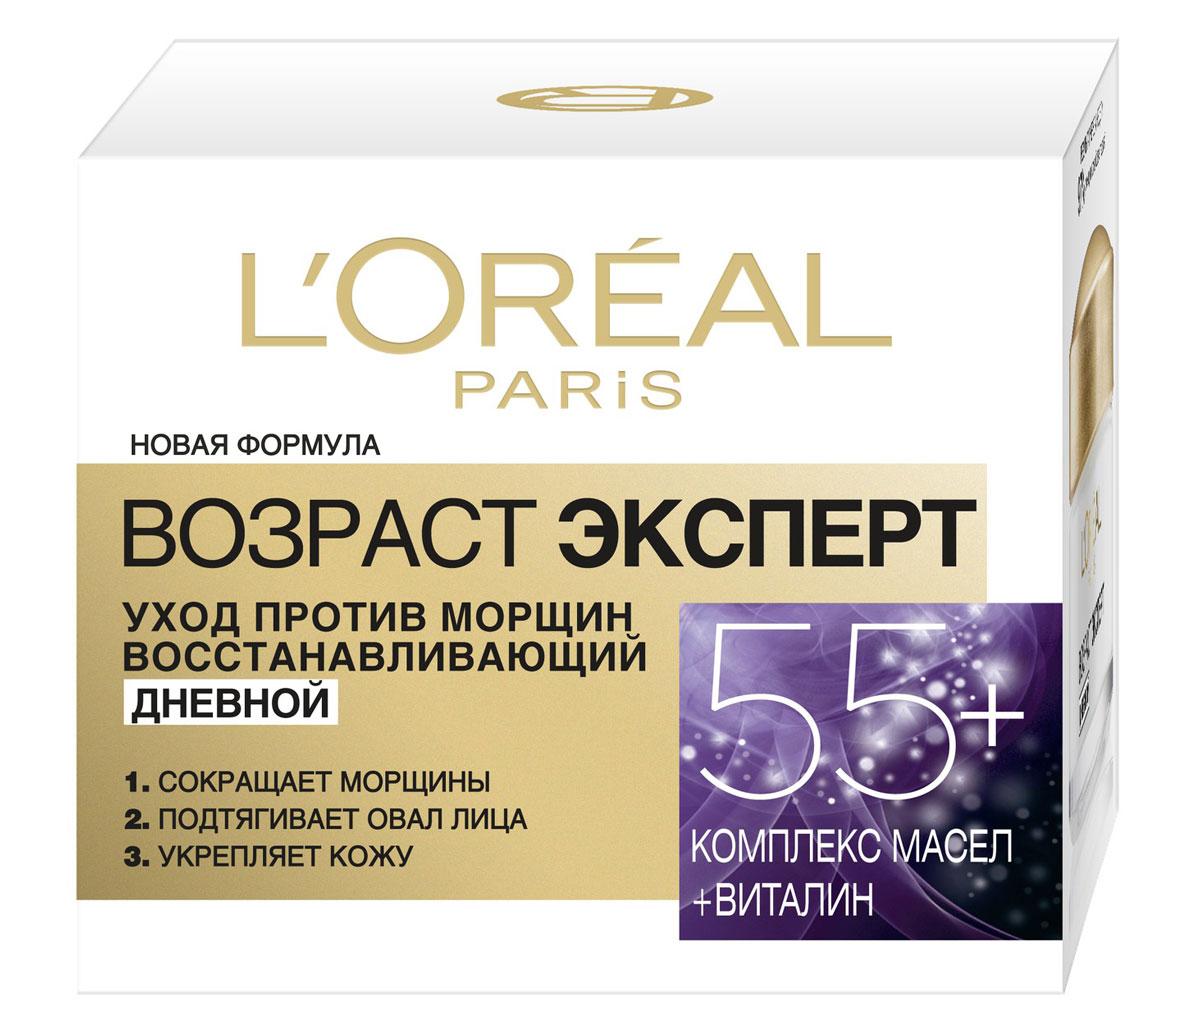 """L'Oreal Paris Дневной антивозрастной крем """"Возраст Эксперт 55+"""" против морщин для лица, восстанавливающий, 50 мл"""